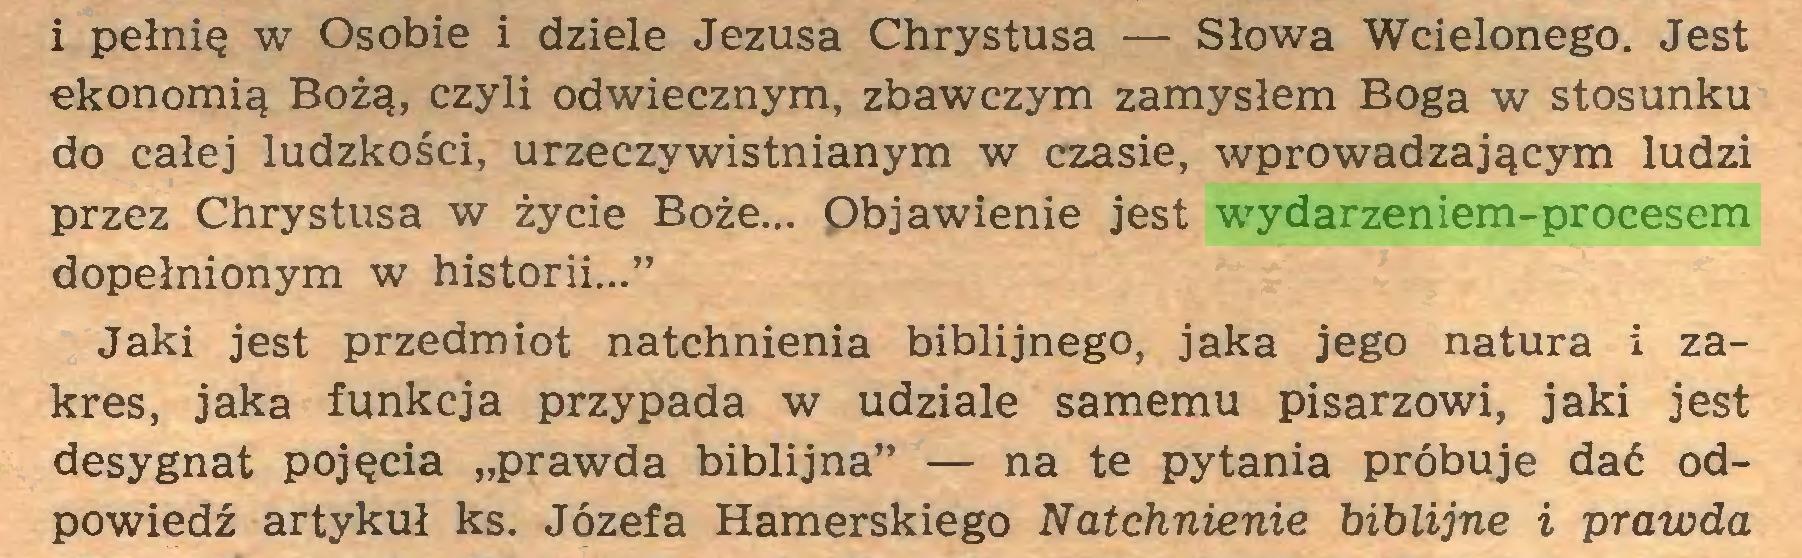 """(...) i pełnię w Osobie i dziele Jezusa Chrystusa — Słowa Wcielonego. Jest ekonomią Bożą, czyli odwiecznym, zbawczym zamysłem Boga w stosunku do całej ludzkości, urzeczywistnianym w czasie, wprowadzającym ludzi przez Chrystusa w życie Boże... Objawienie jest wydarzeniem-procesem dopełnionym w historii..."""" Jaki jest przedmiot natchnienia biblijnego, jaka jego natura i zakres, jaka funkcja przypada w udziale samemu pisarzowi, jaki jest desygnat pojęcia """"prawda biblijna"""" — na te pytania próbuje dać odpowiedź artykuł ks. Józefa Hamerskiego Natchnienie biblijne i prawda..."""